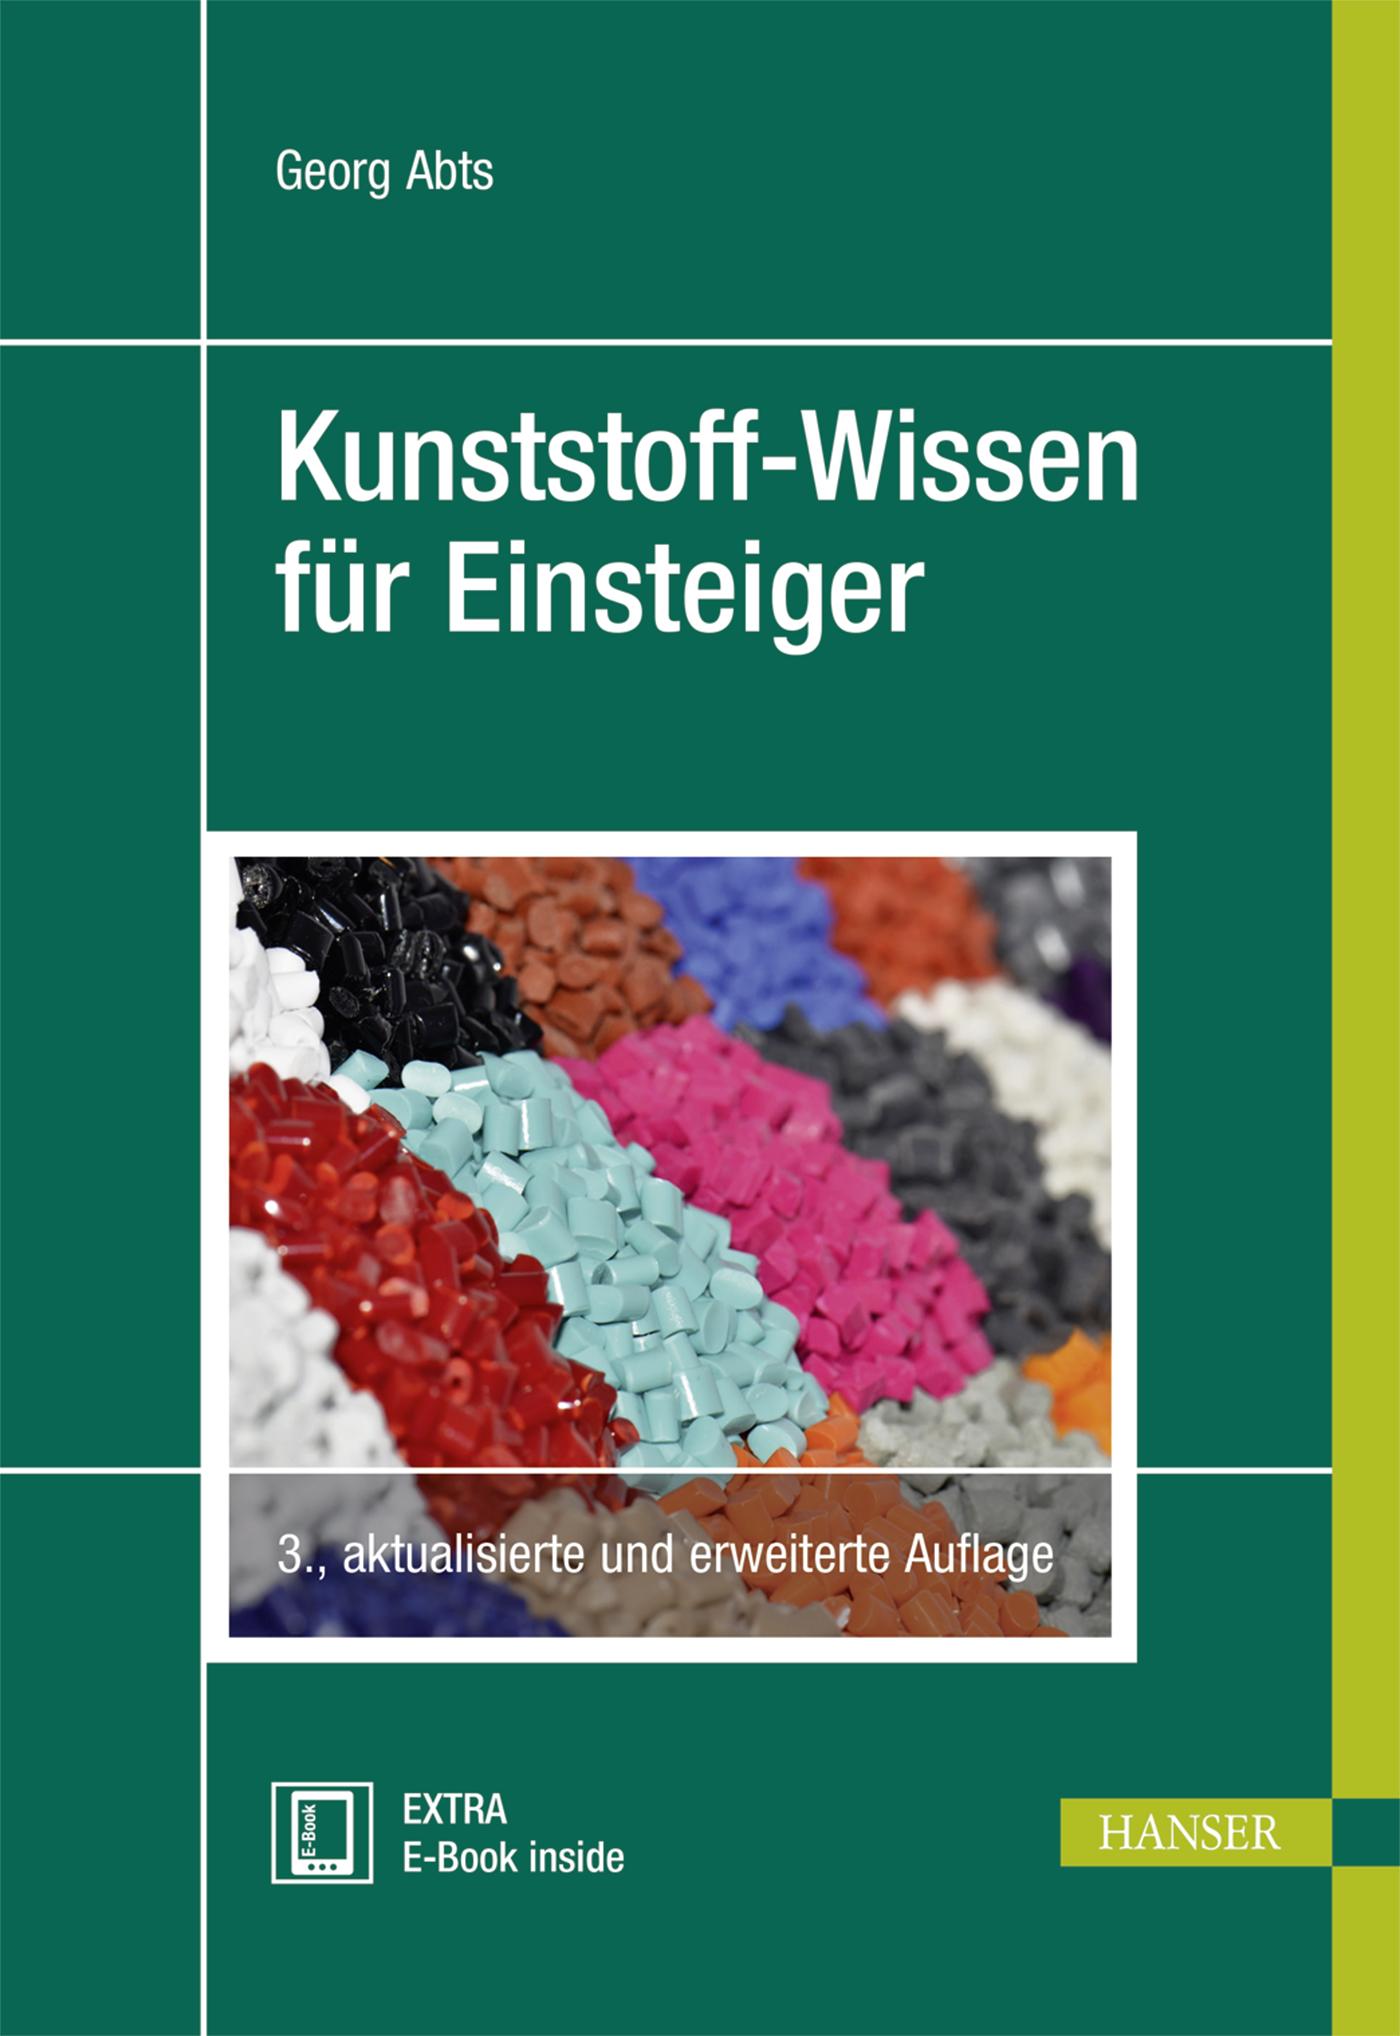 Abts, Kunststoff-Wissen für Einsteiger, 978-3-446-45041-7